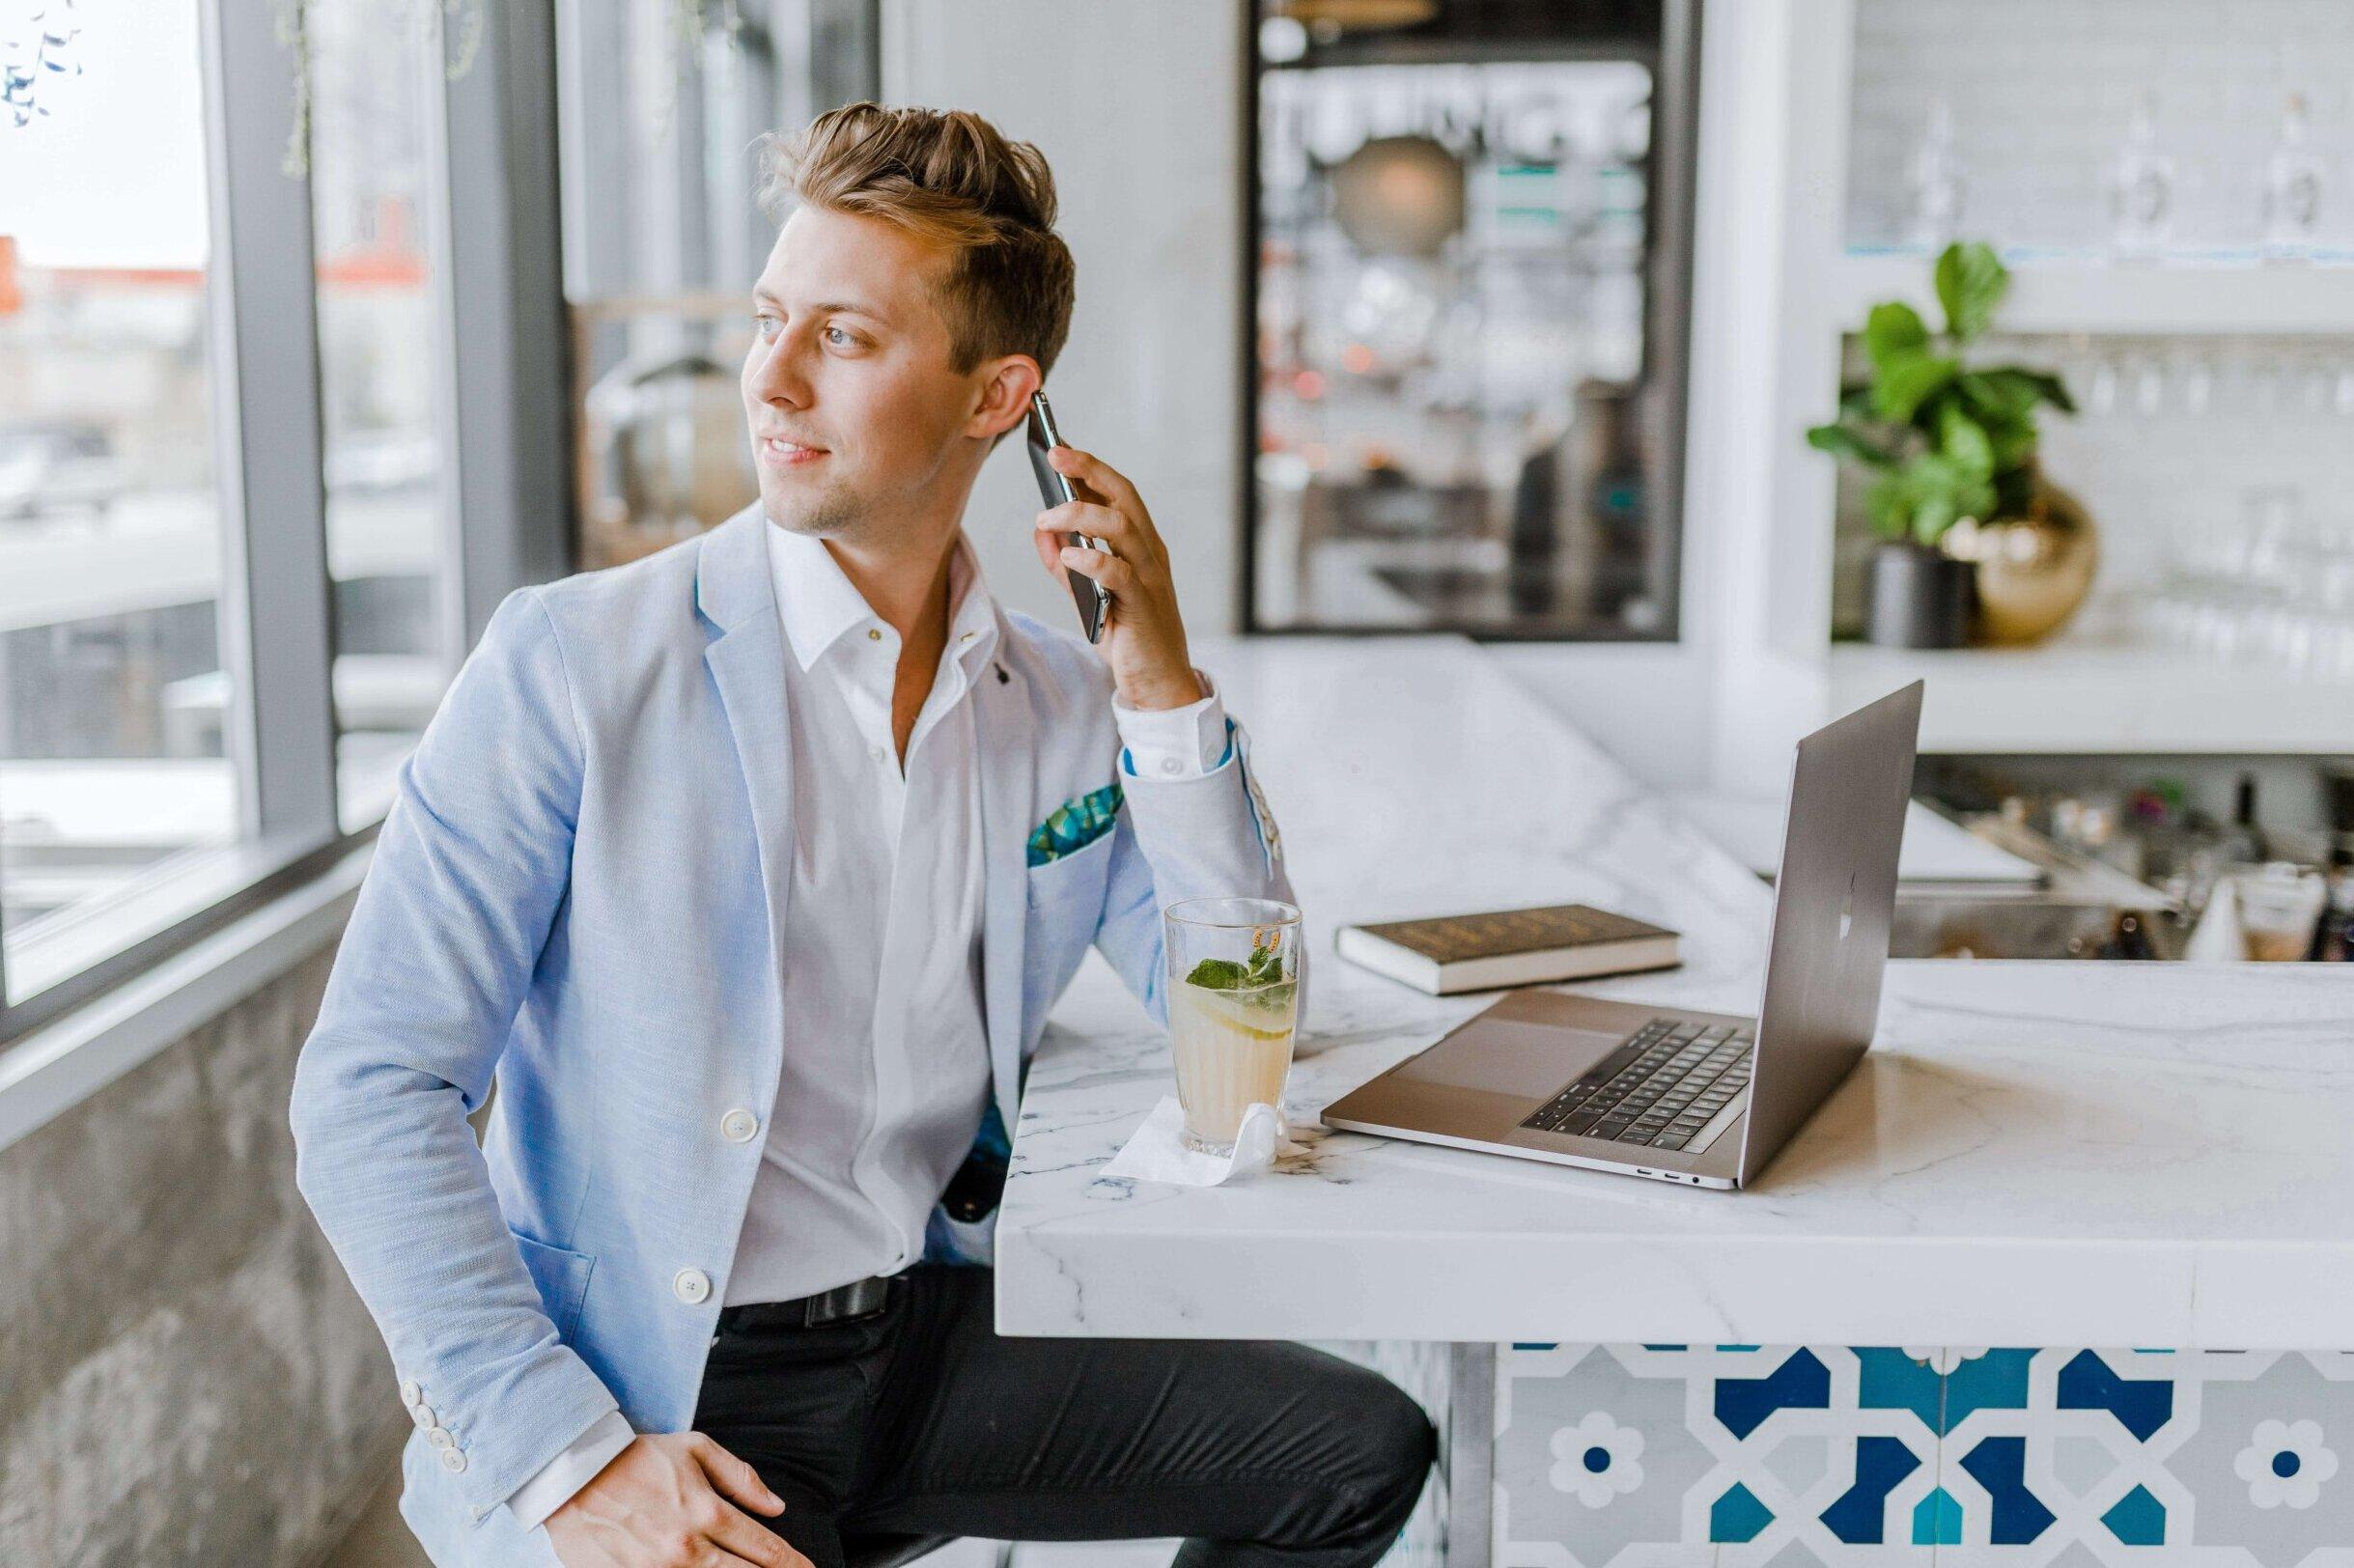 社長や弁護士などの職業別ビジネスプロフィール写真の撮り方解説